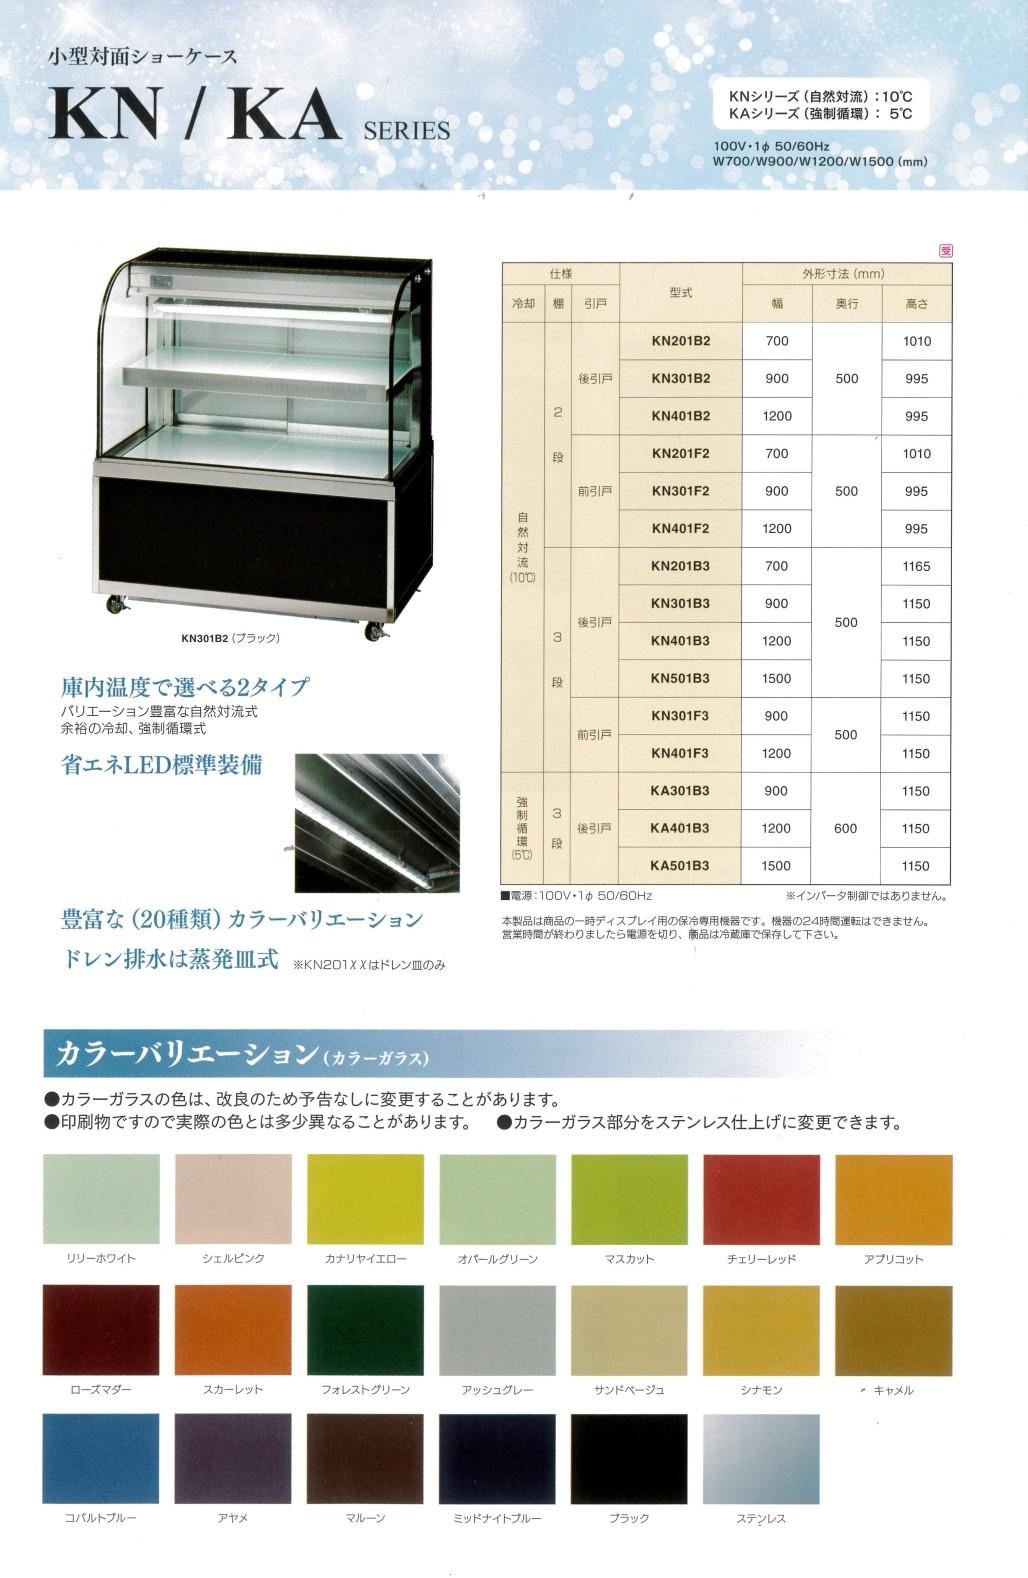 【ダイワ】【業務用】【新品】 対面冷蔵ショーケース KN401F3 単相100V